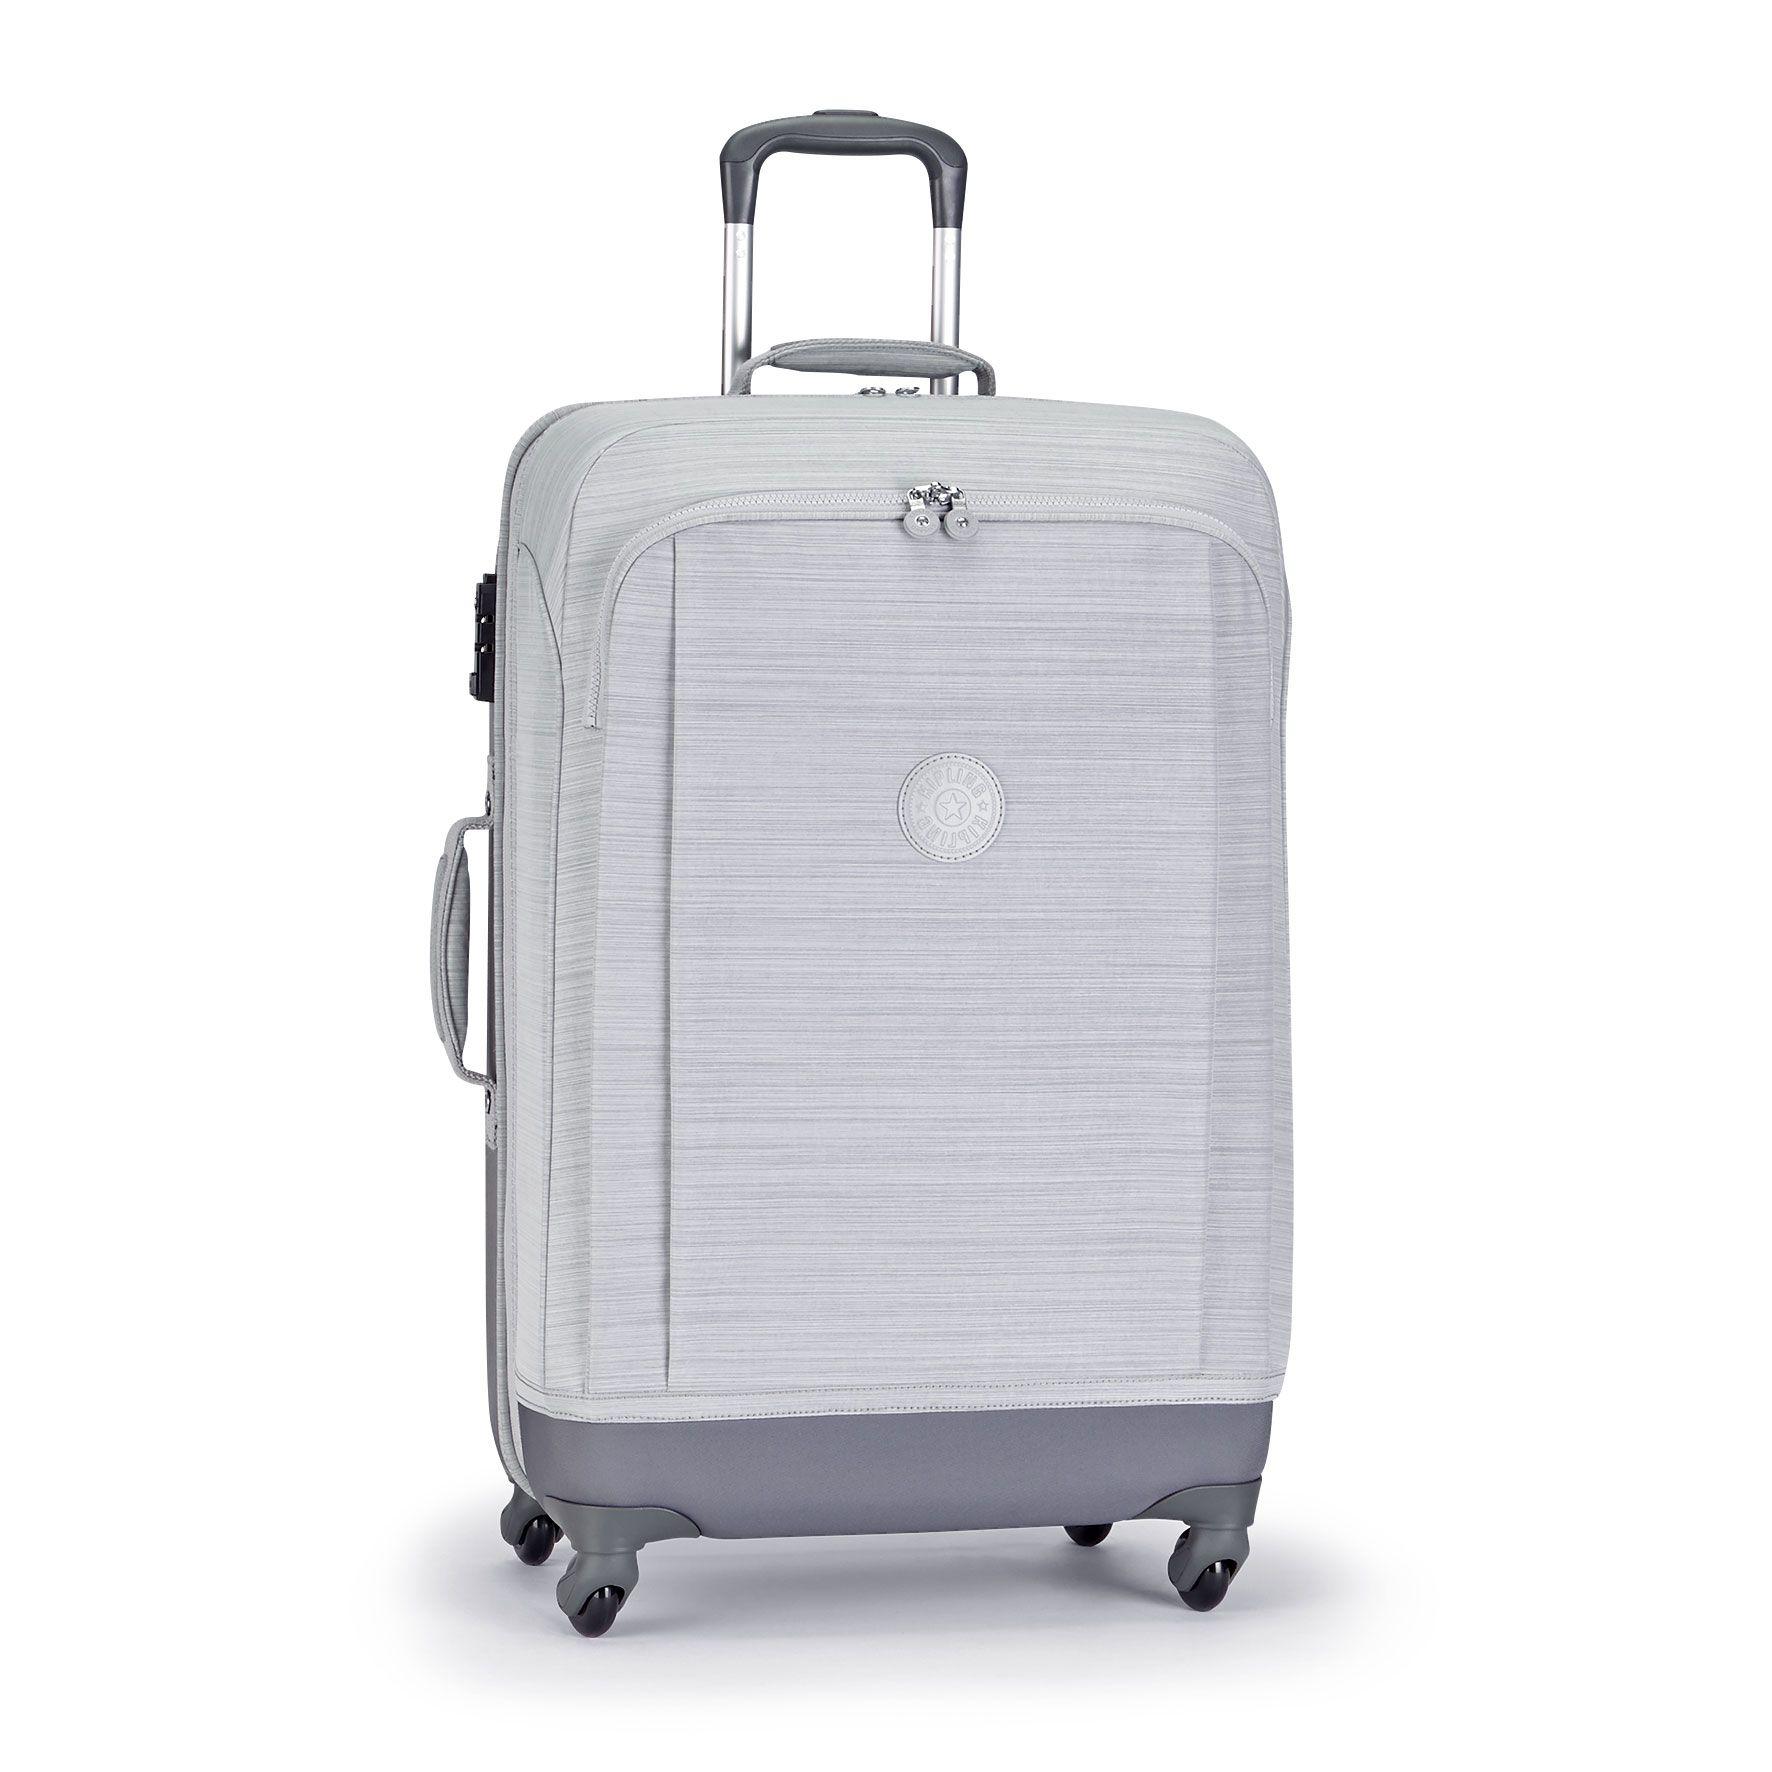 מזוודה בינונית Super Hybrid M - Dazz Grey Cהדפס אפור